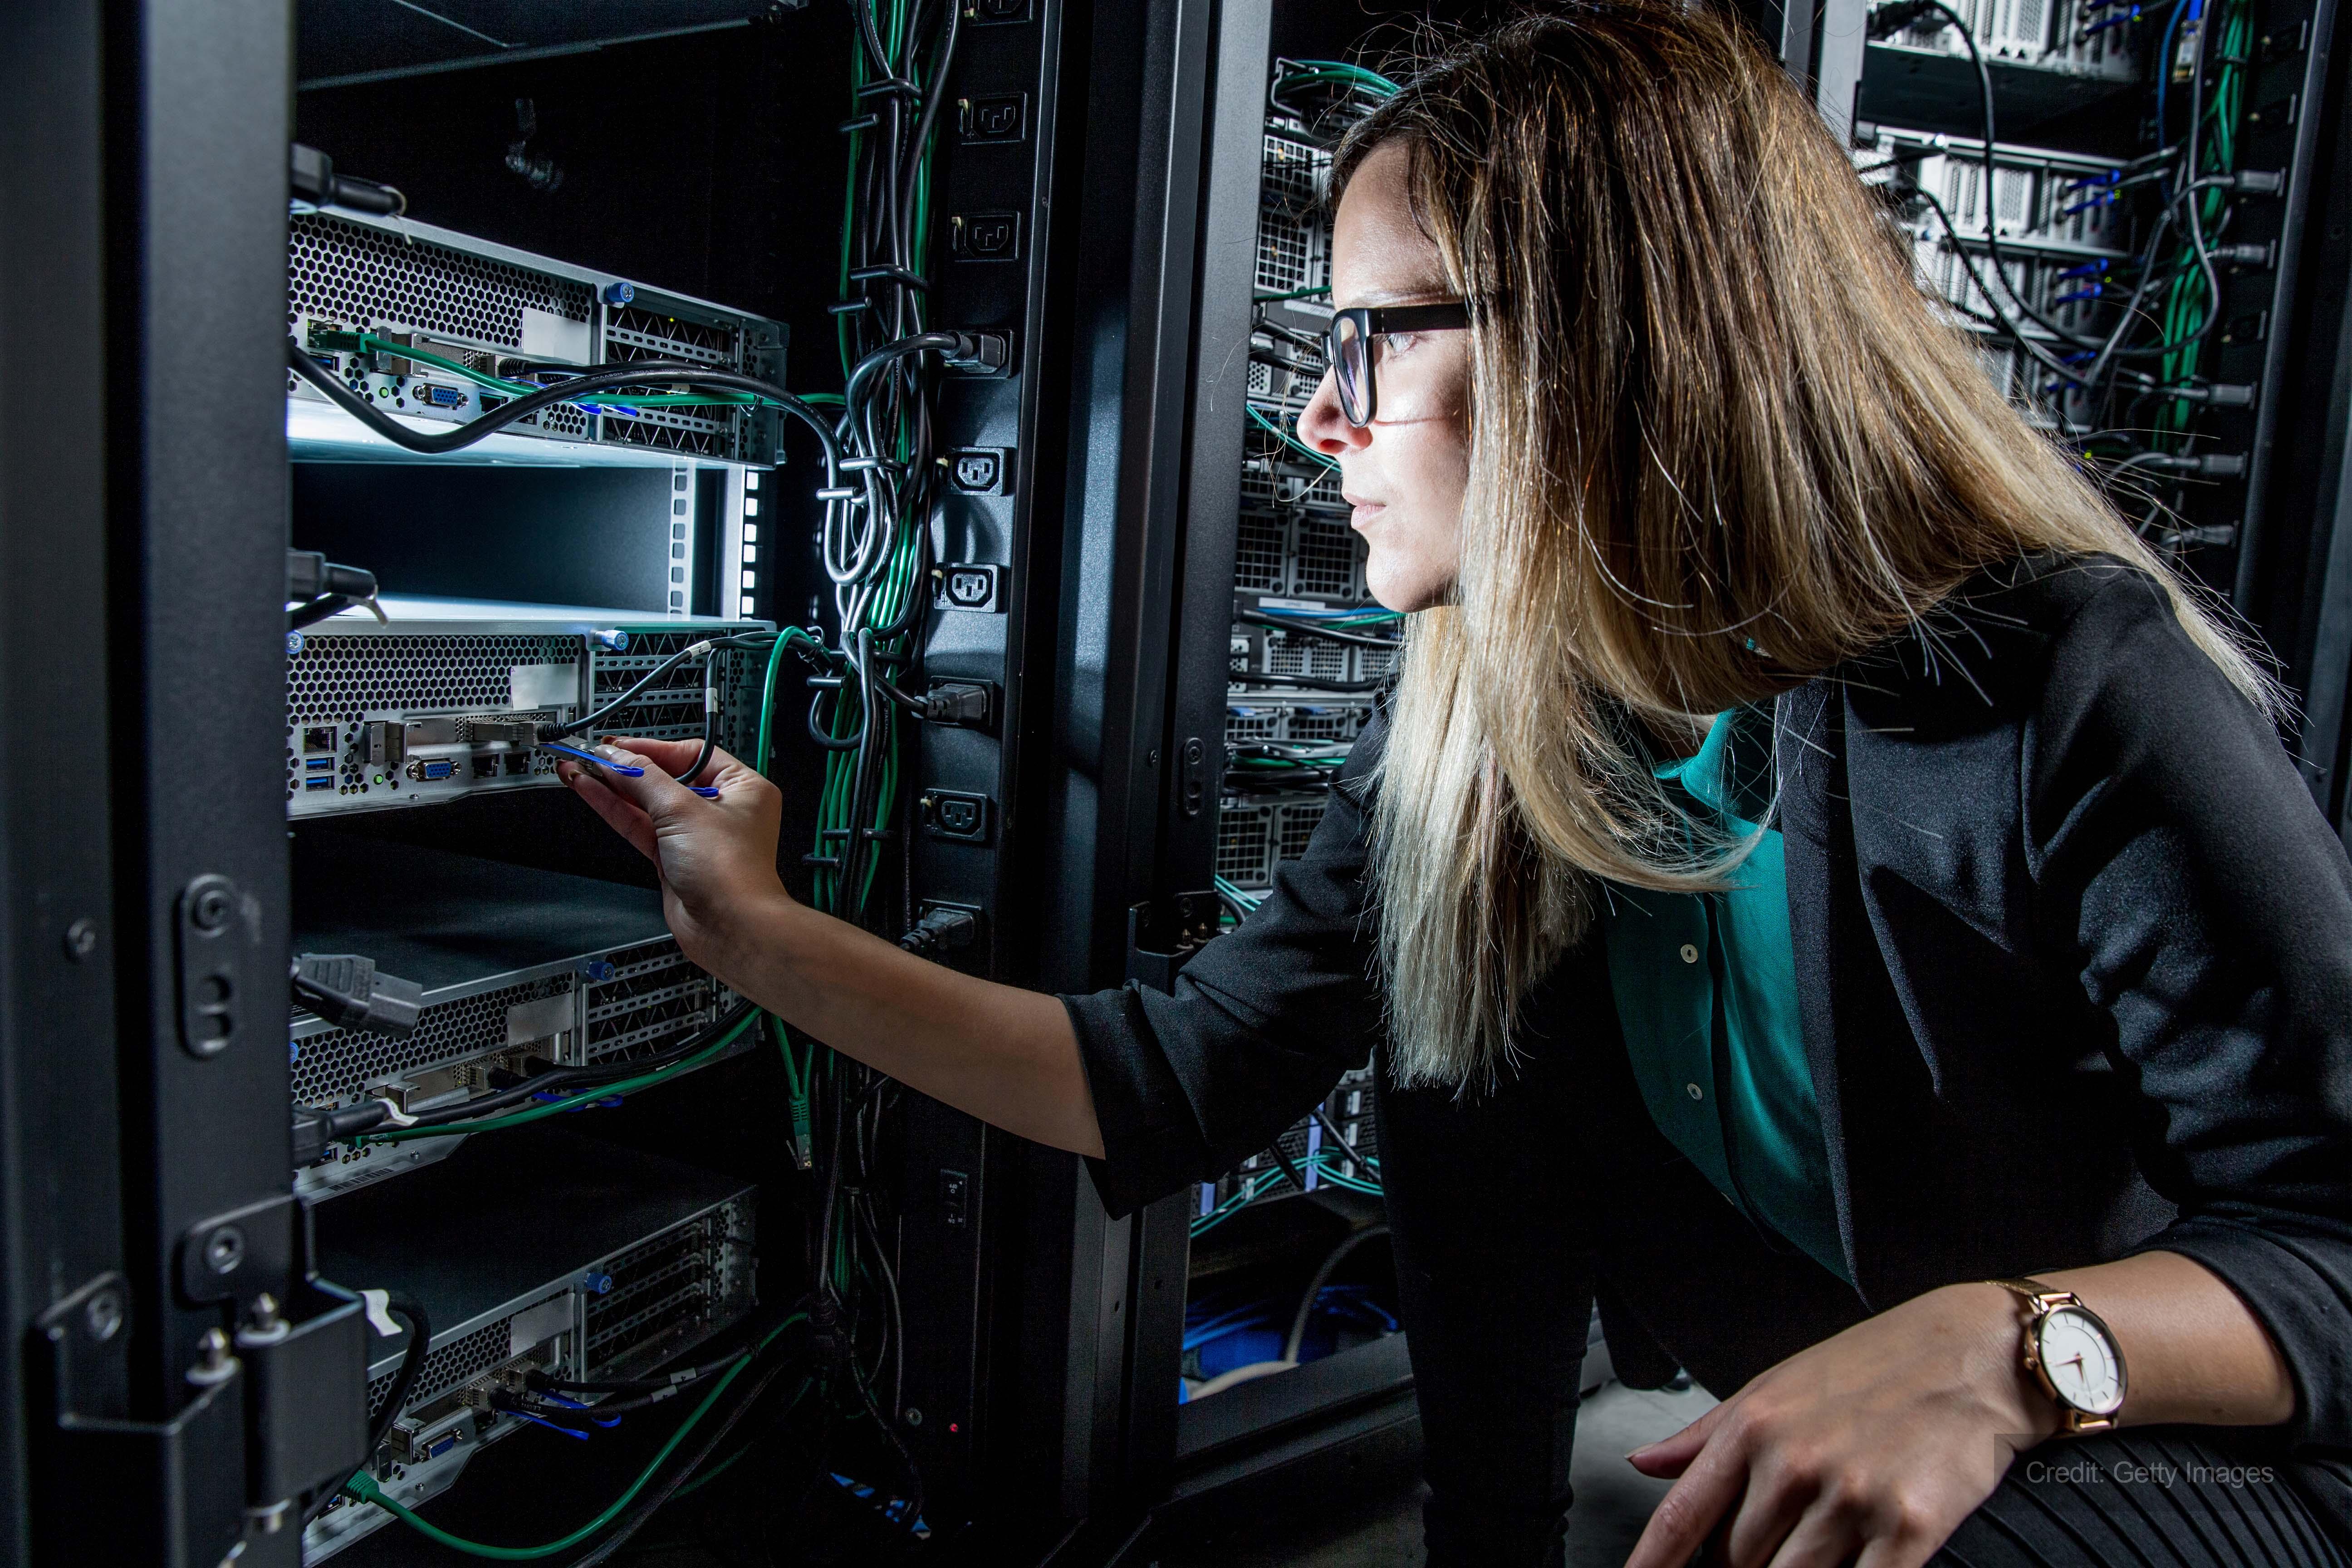 Telecoms provider seeks server room cooling